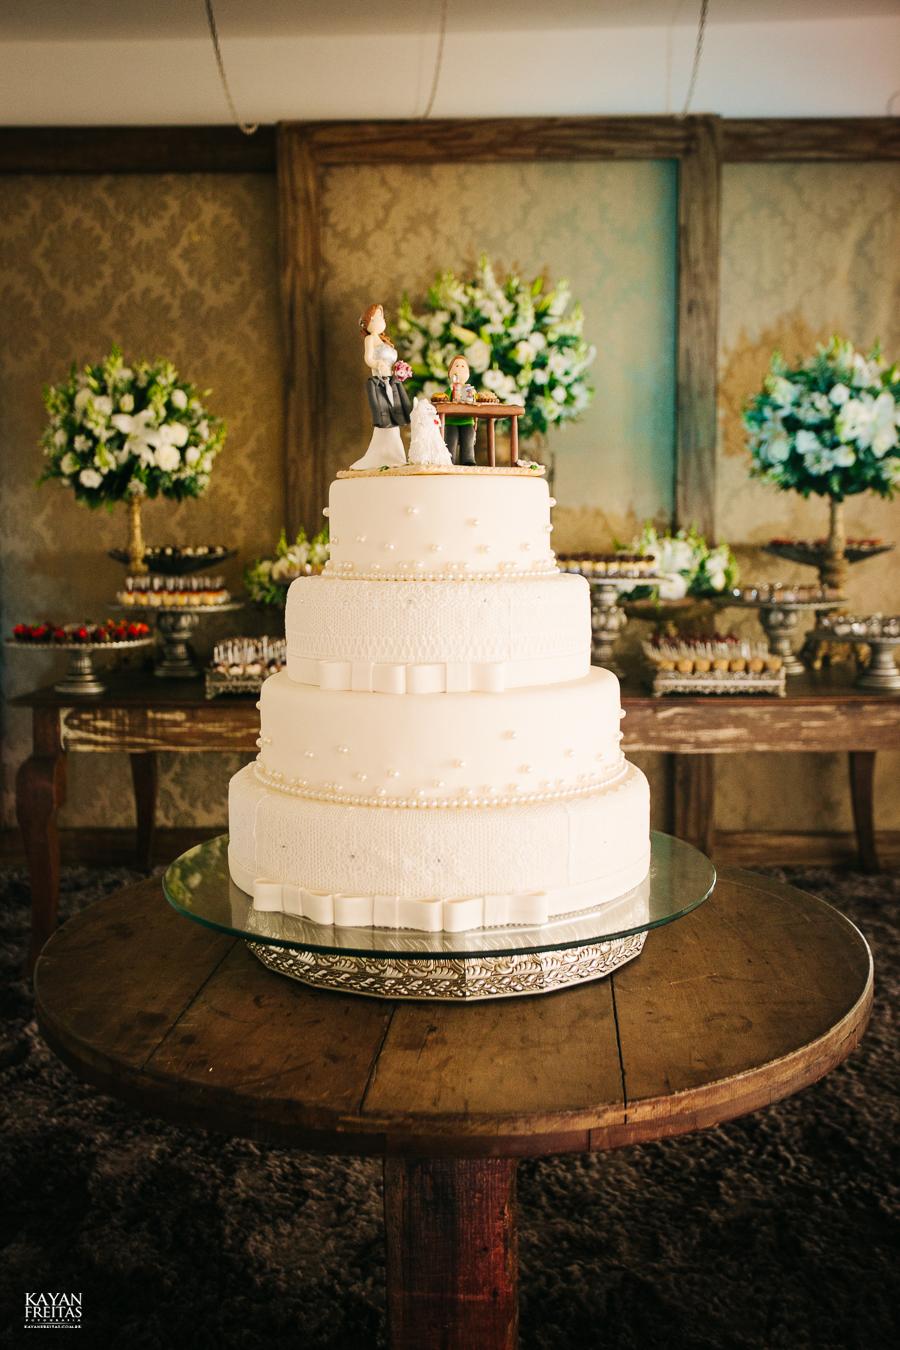 fotografo-casamento-florianopolis-jeg-001